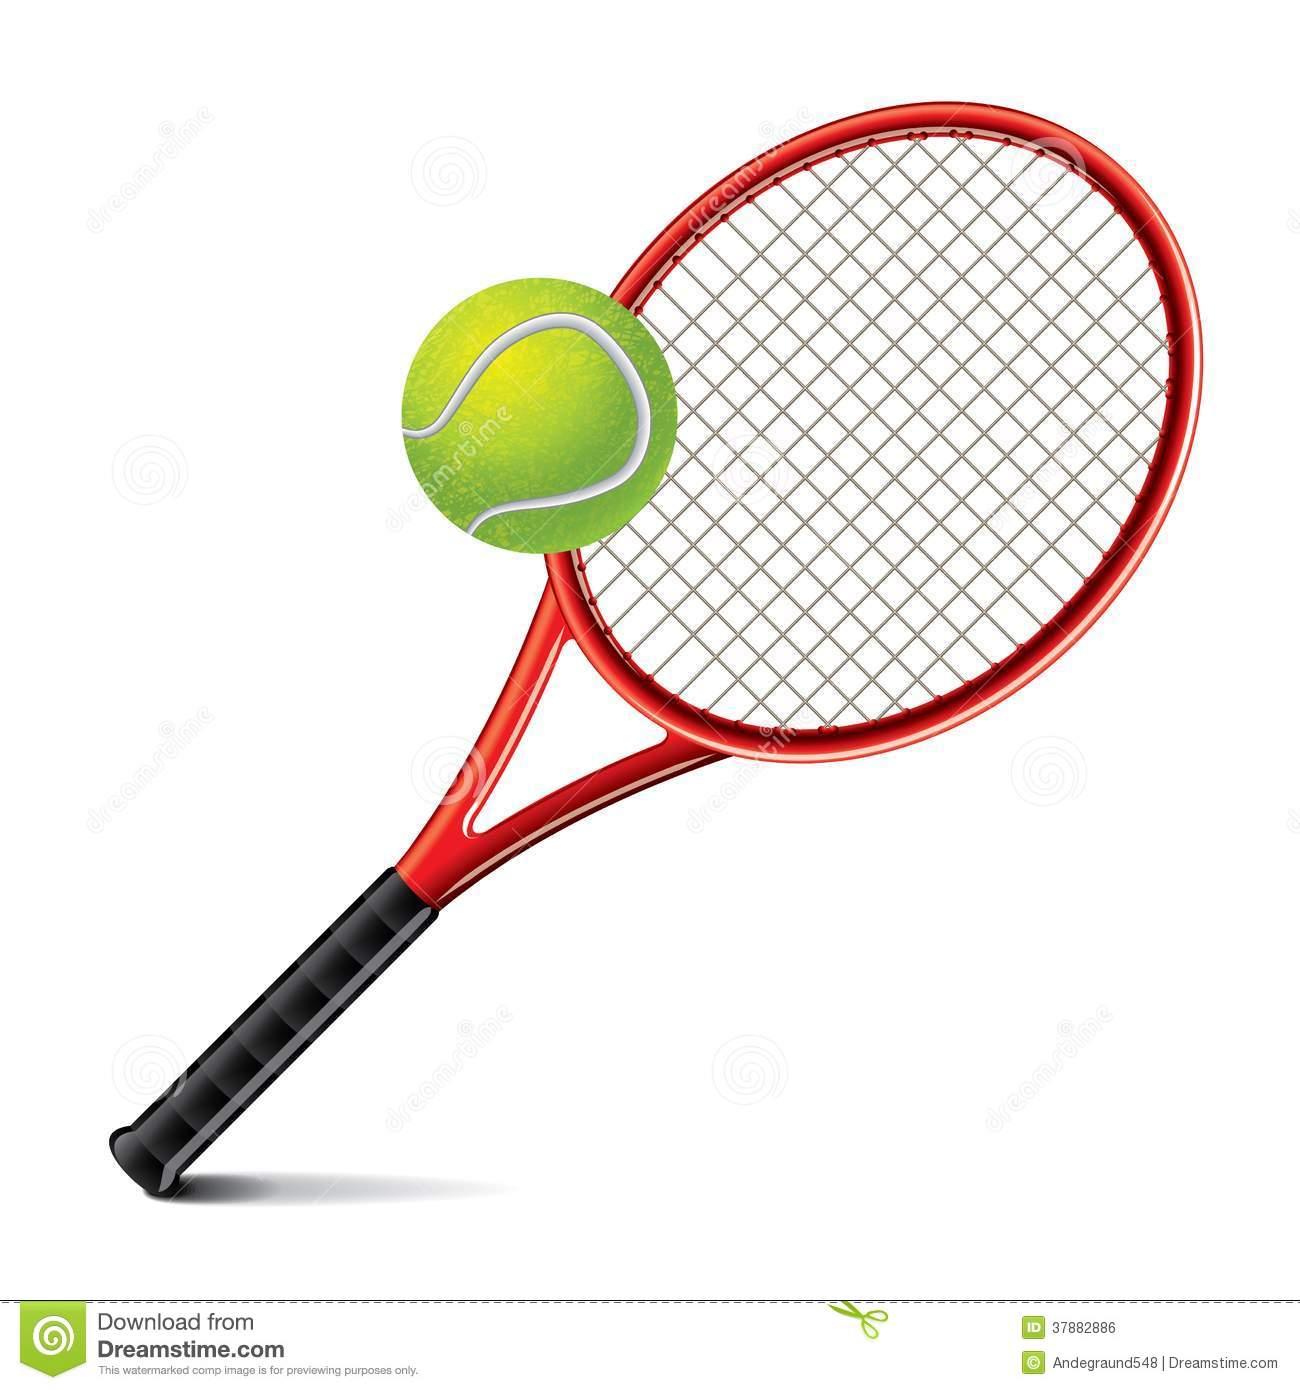 tennis ball clipart at getdrawings com free for personal use rh getdrawings com Female Tennis Clip Art Court Tennis Racket Clip Art